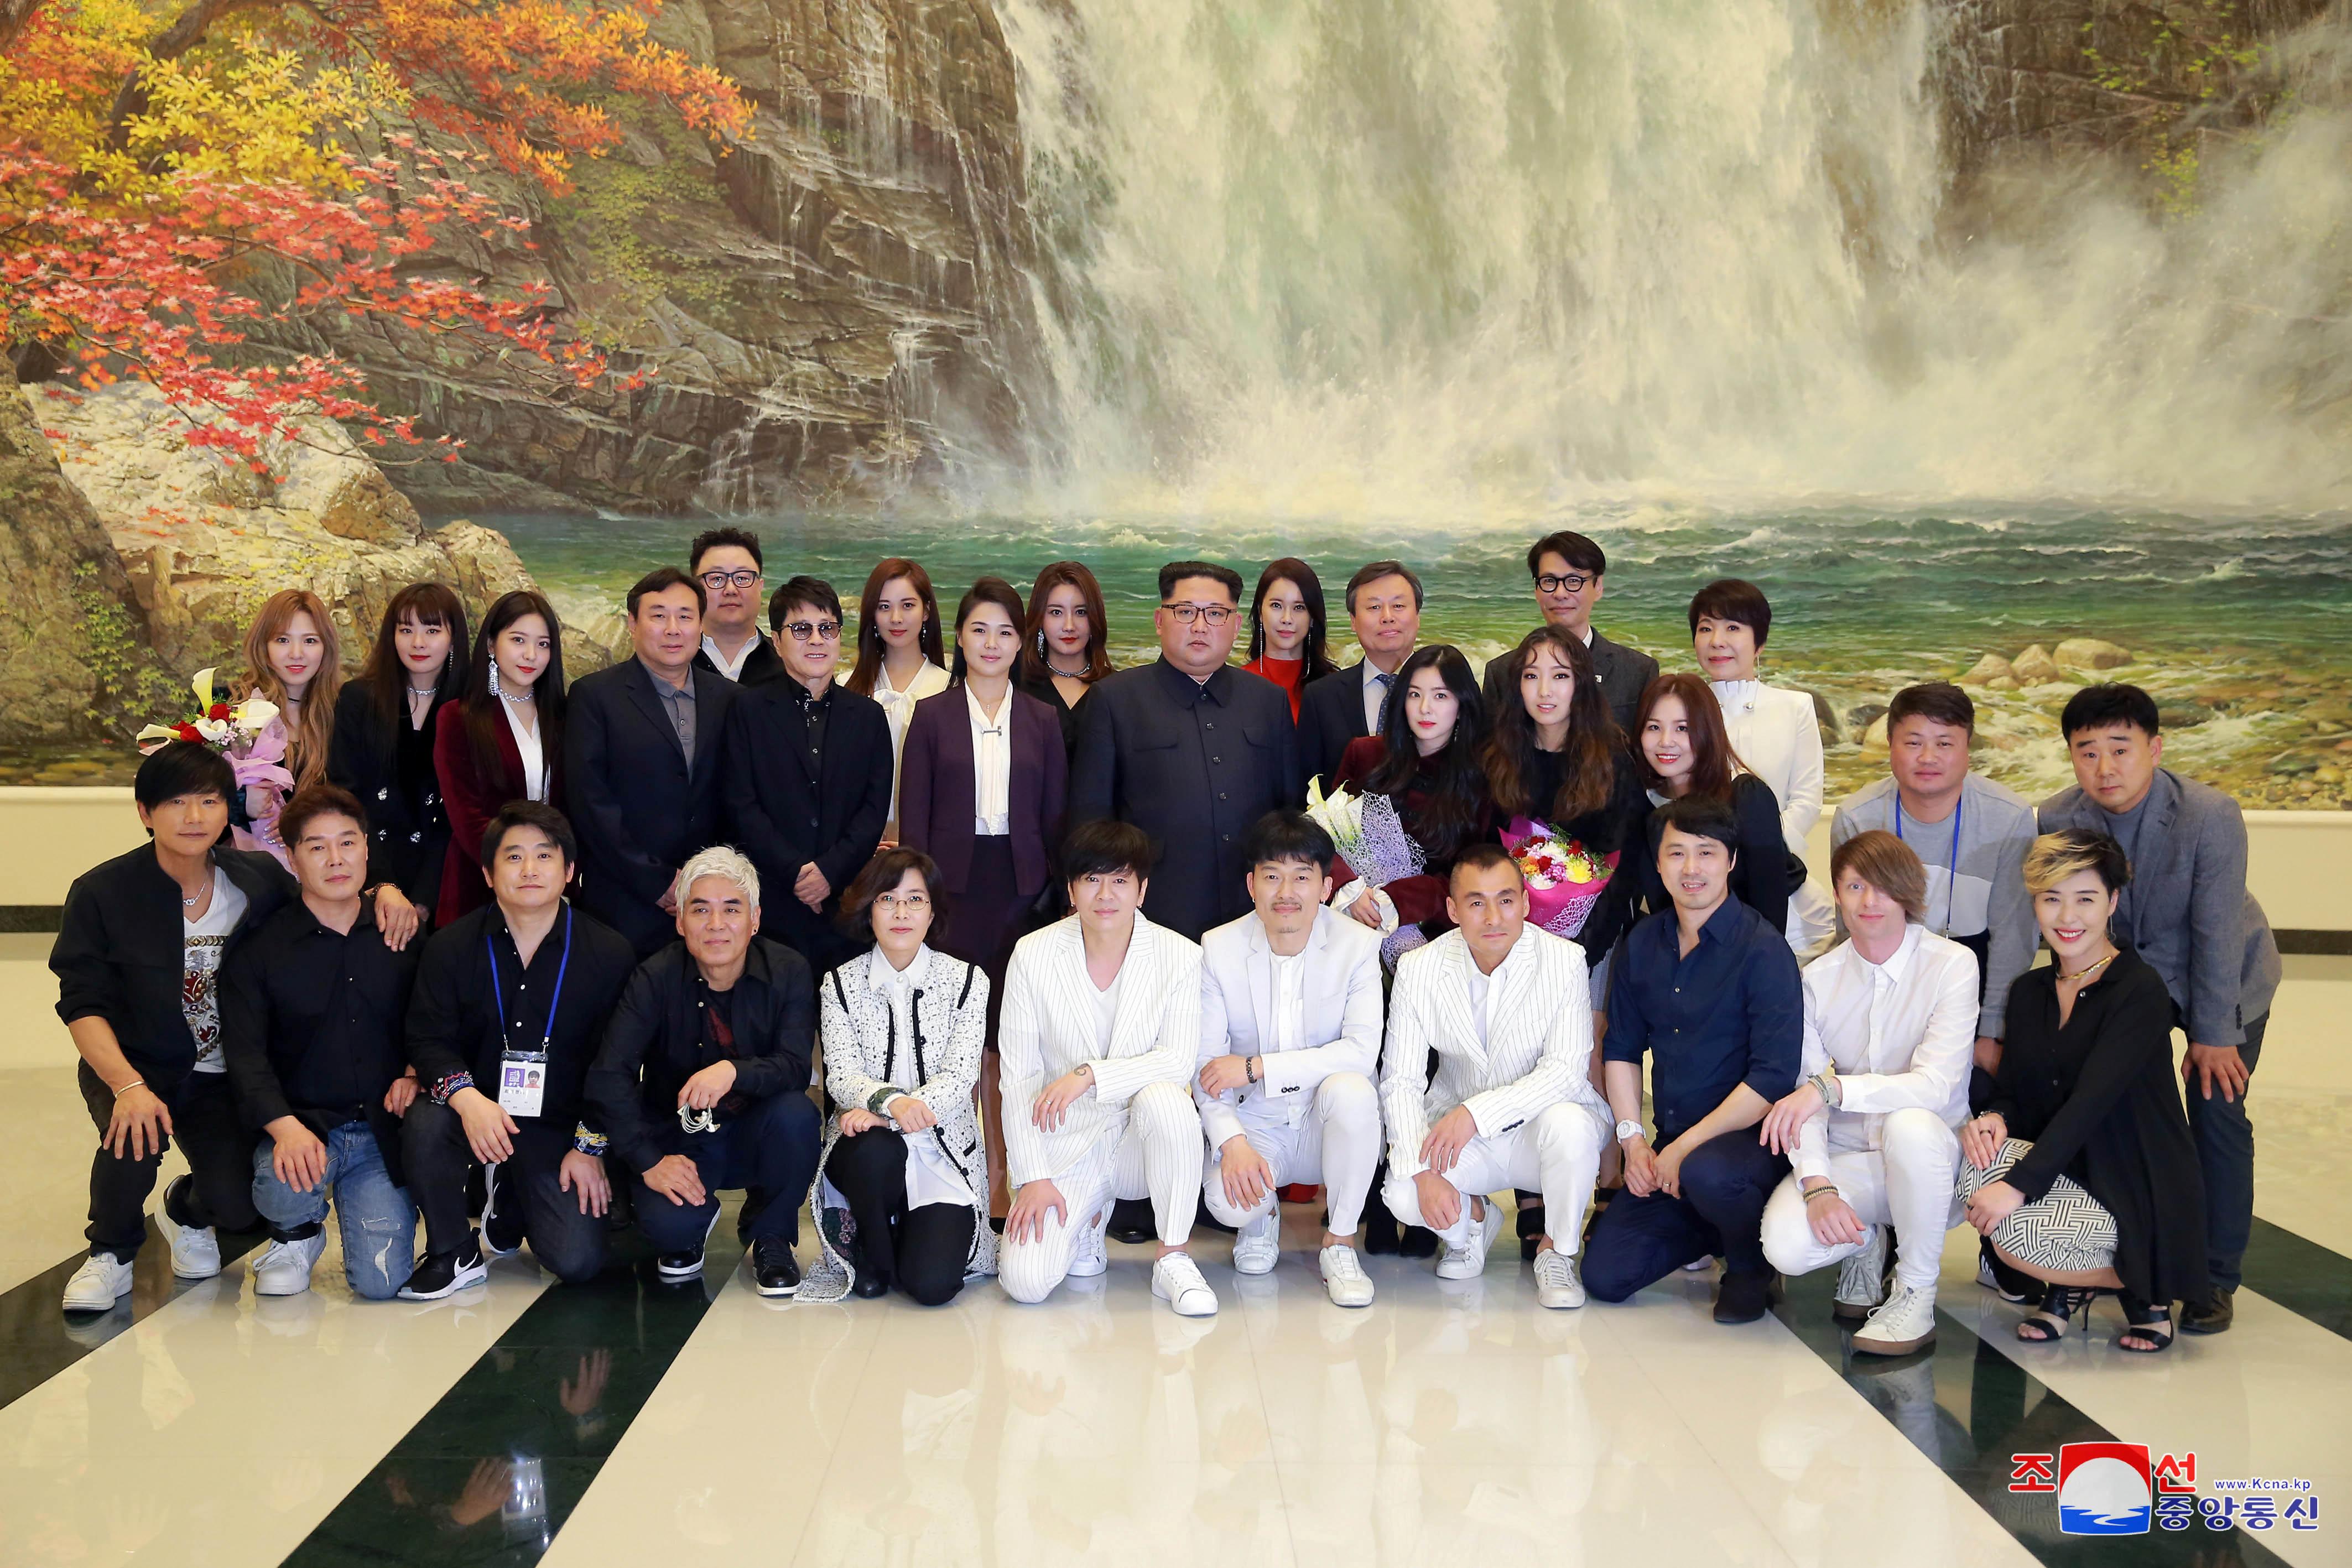 زعيم كوريا الشمالية وسط الفنانين